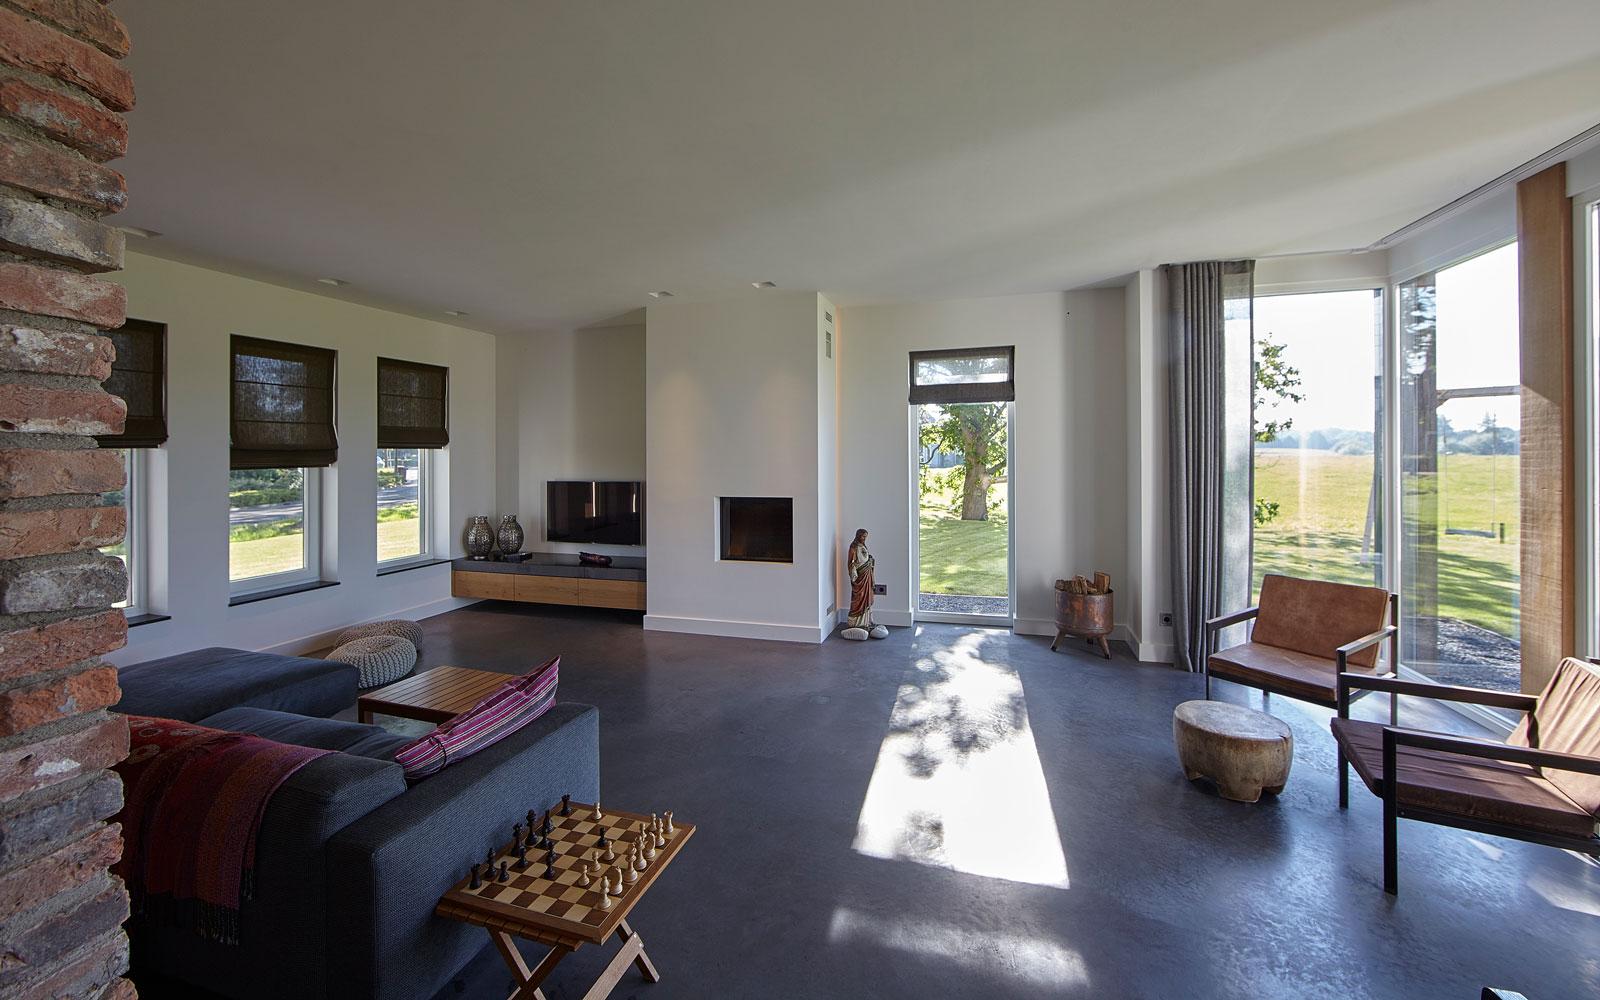 Woonkamer Met Beton : Landelijk interieur sfeerbeton the art of living nl